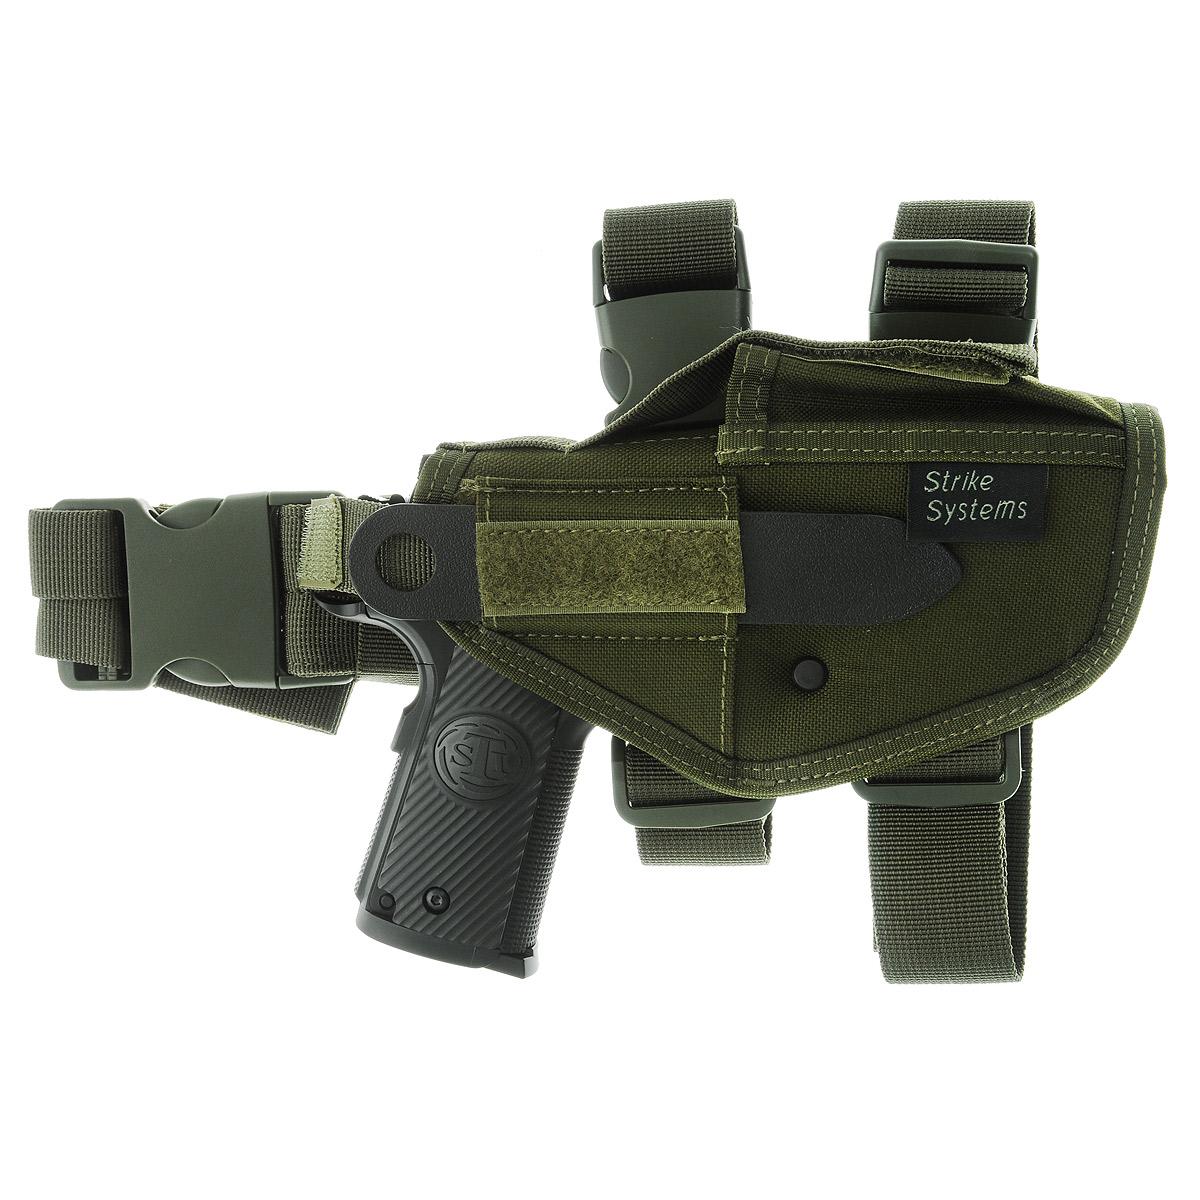 Кобура ASG набедренная для M92, G17/18, STI, CZ, Steyr, Bersa, цвет: Olive Drab (17319)17319Кобура набедренная для пневматических и страйкбольных пистолетов серий M92, G17/18, STI, CZ, Steyr, Bersa (полноразмерные и среднеразмерные - Full Frame и Mid Frame) с подсумком для запасного магазина. Предназначена для ношения в тире и на полигоне. Показанные на фото оружие и аксессуары в комплект не входят. Не рассчитана на использование с боевым оружием. Регулируется по высоте. Застежка-фастекс для быстрого снятия. Два эластичных ремня с застежками для бедра. В комплекте приспособление для удобной регулировки. Двойные швы. Из износостойкого и влагостойкого нейлона. Возврат товара возможен только при наличии заключения сервисного центра. Время работы сервисного центра: Пн-чт: 10.00-18.00 Пт: 10.00- 17.00 Сб, Вс: выходные дни Адрес: ООО ГАТО, 121471, г.Москва, ул. Петра Алексеева, д 12., тел. (495)232-4670, gato@gato.ru Характеристики: Материал: нейлон, пластик. Размер...